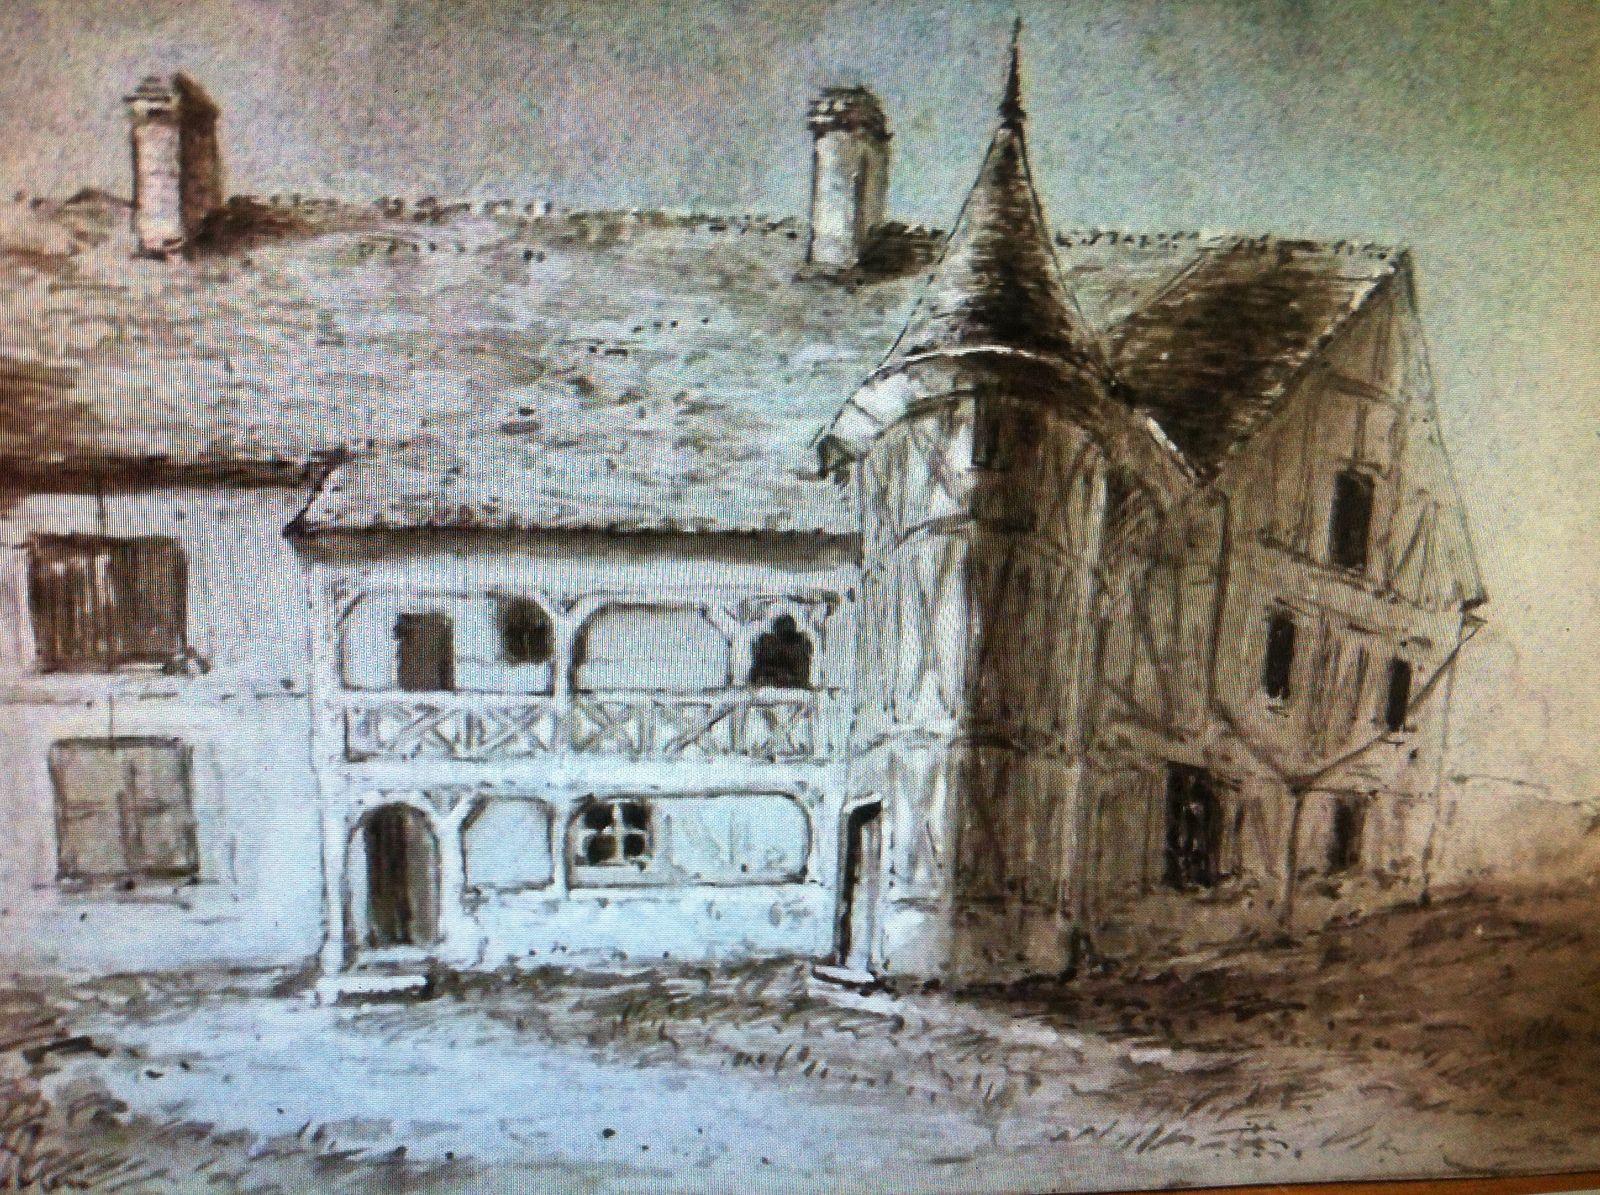 Le second manoir des Hellenvilliers (XVIIe siècle), côté cour, d'après une aquarelle signée Dubourg (avec nos remerciements à Jean-Charles Juillard).